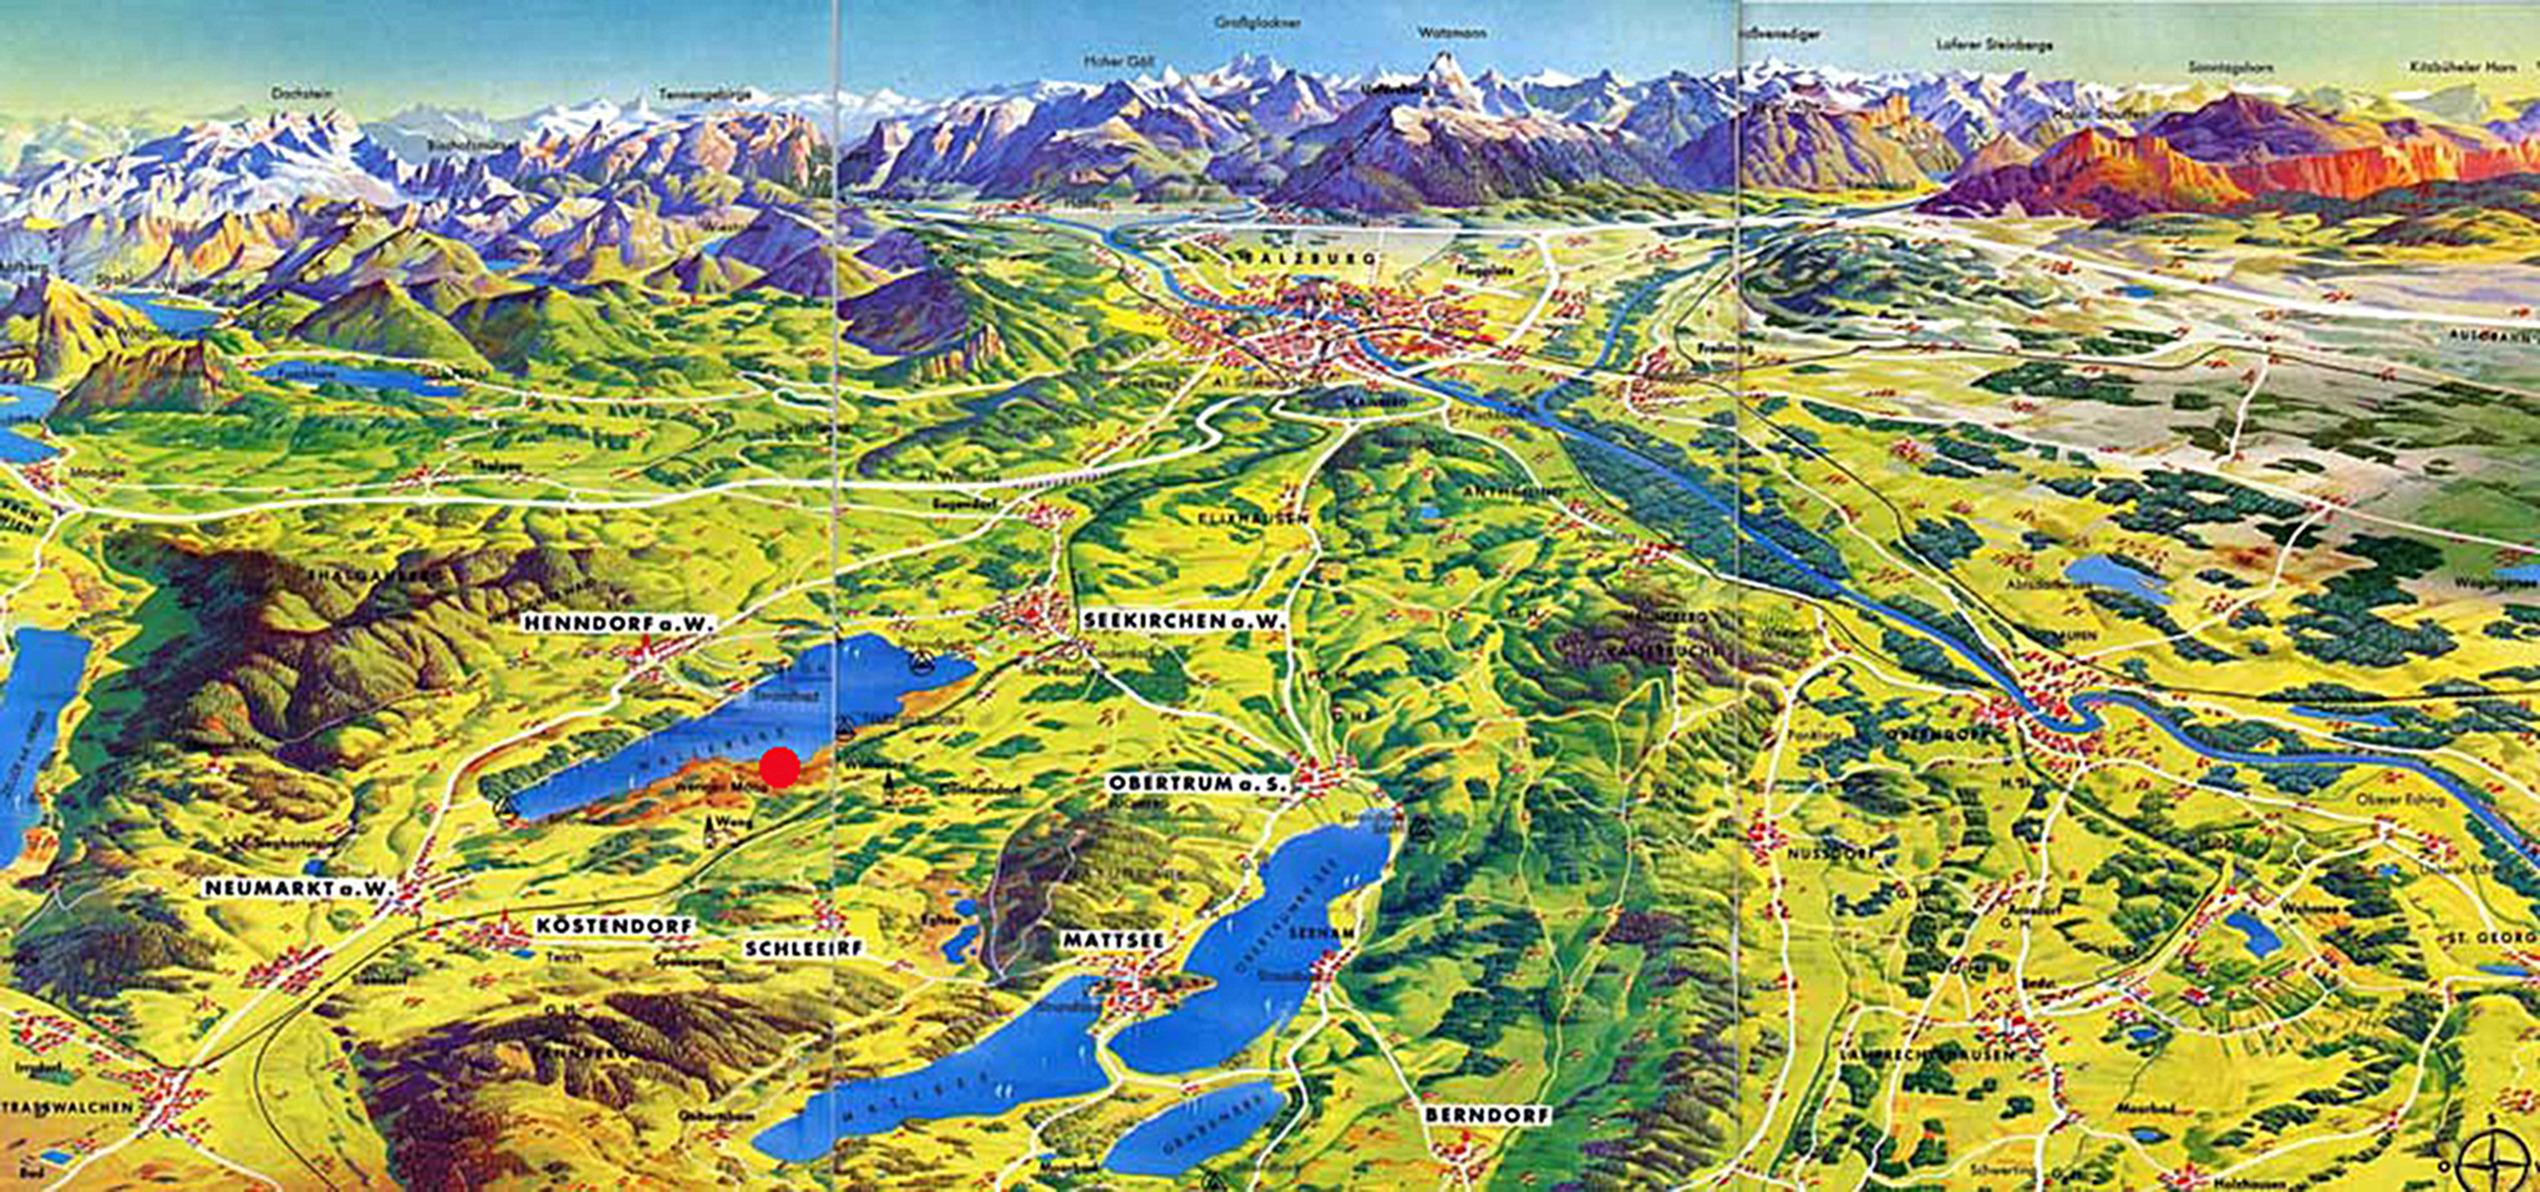 Appartement de vacances Salzburg/Ferienparadies am See/Goldener Herbst/ Christmas & Sylvester (2374298), Seekirchen am Wallersee, Salzbourg plaine, Salzbourg, Autriche, image 25